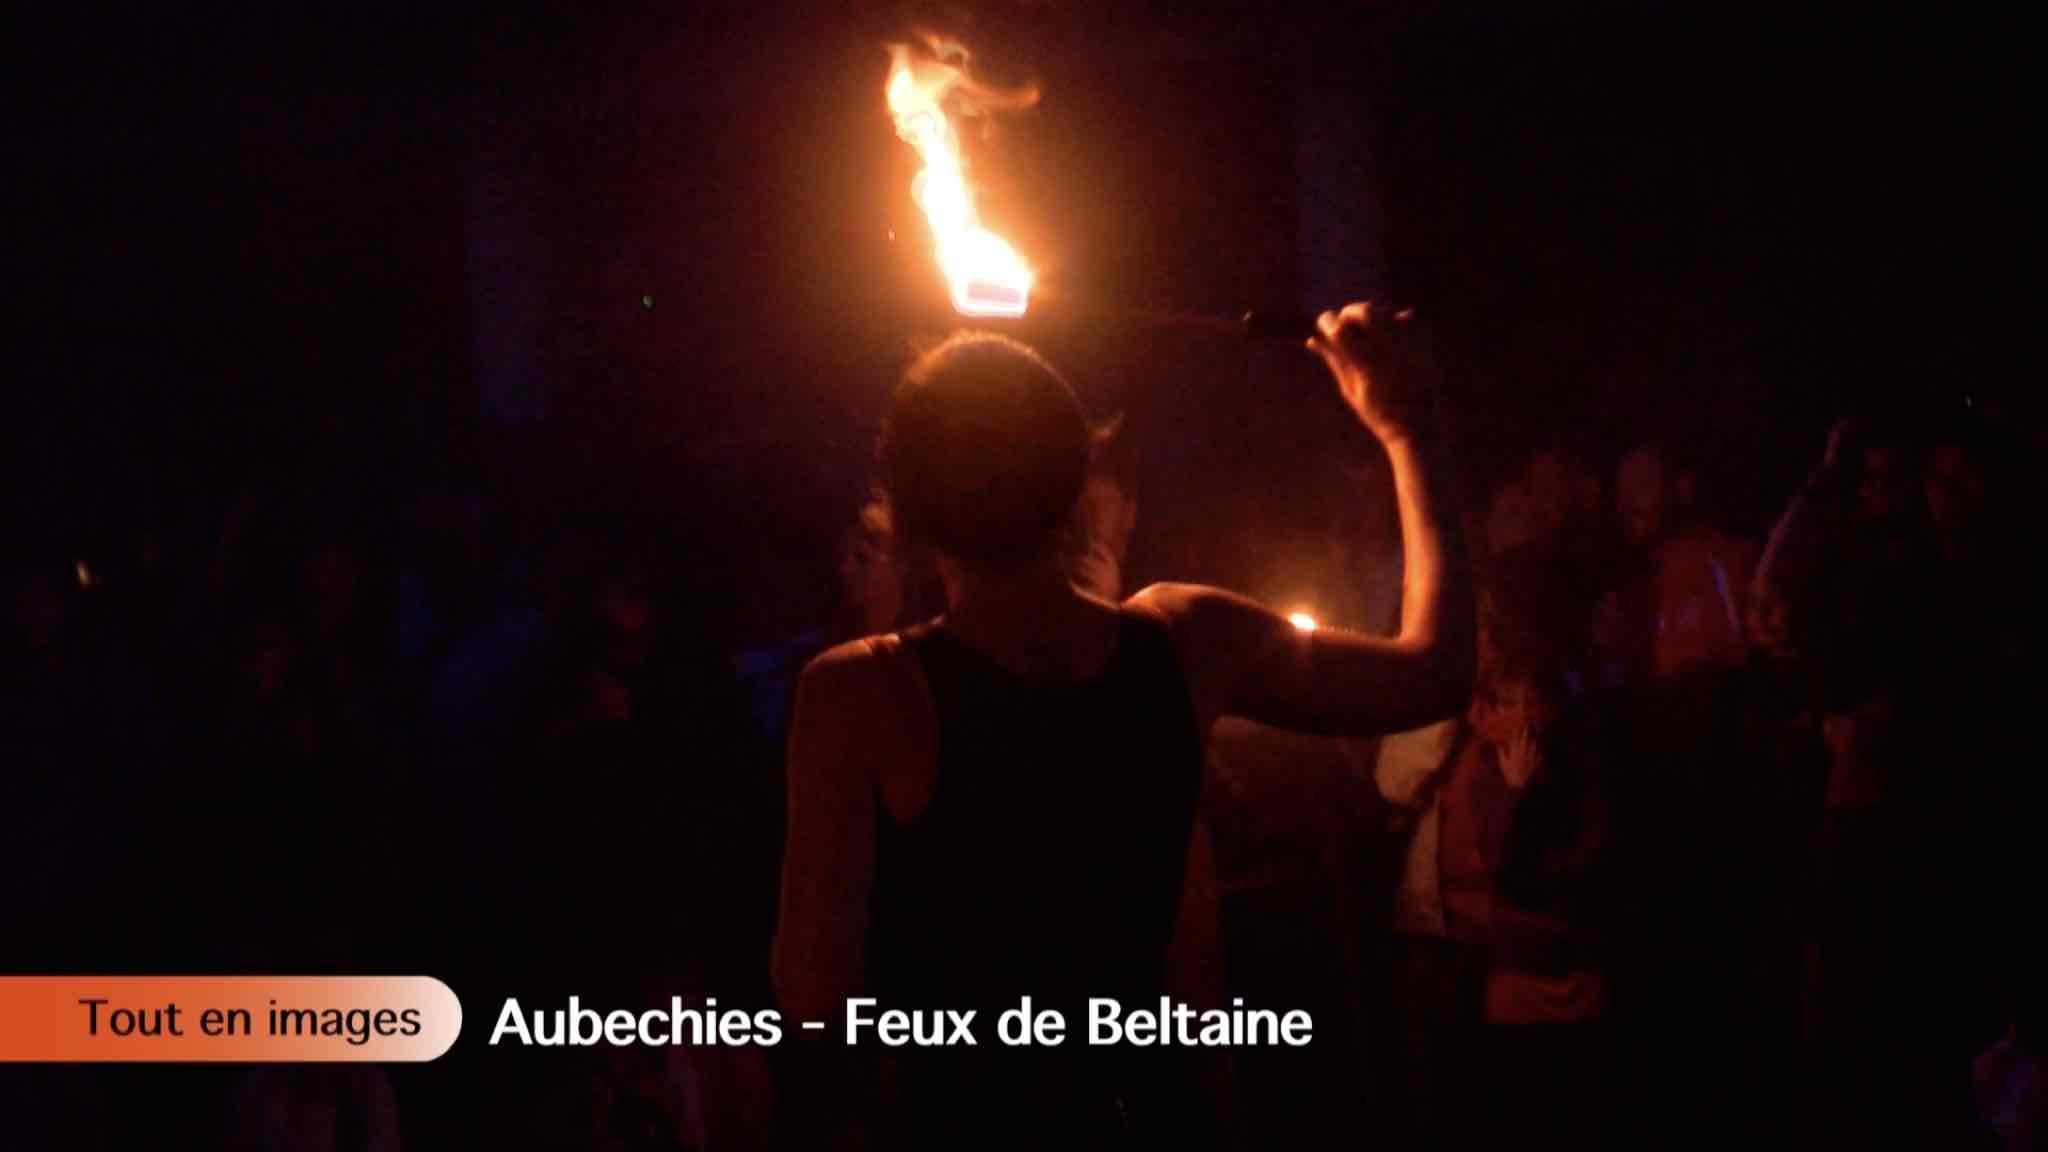 Feux de Beltaine